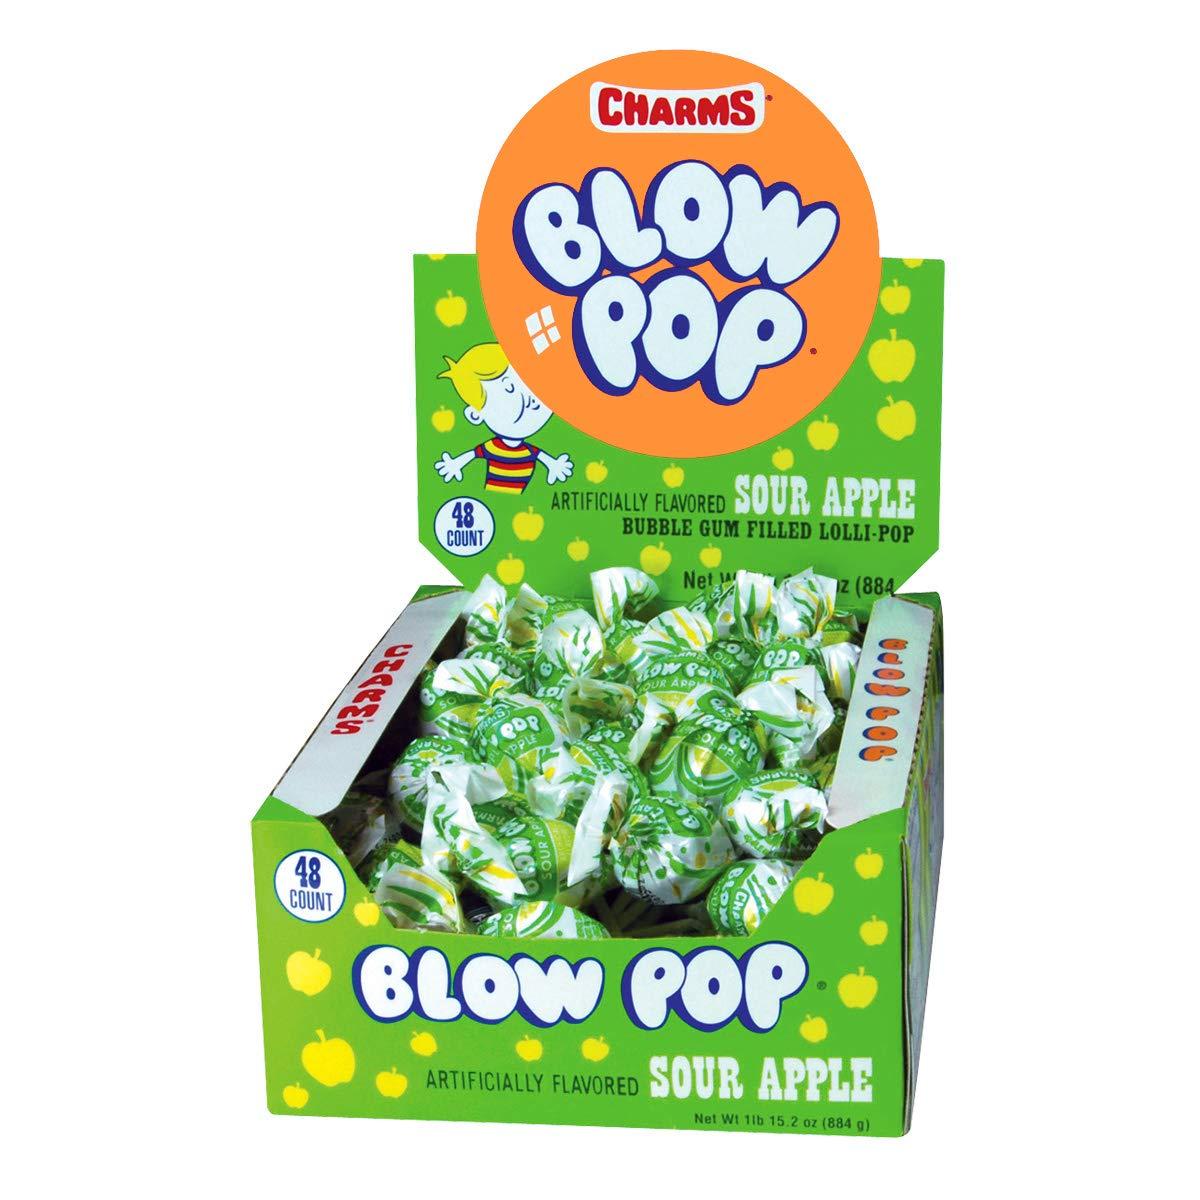 Charms Blow Pops, Sour Apple Flavor, 48-Count Box